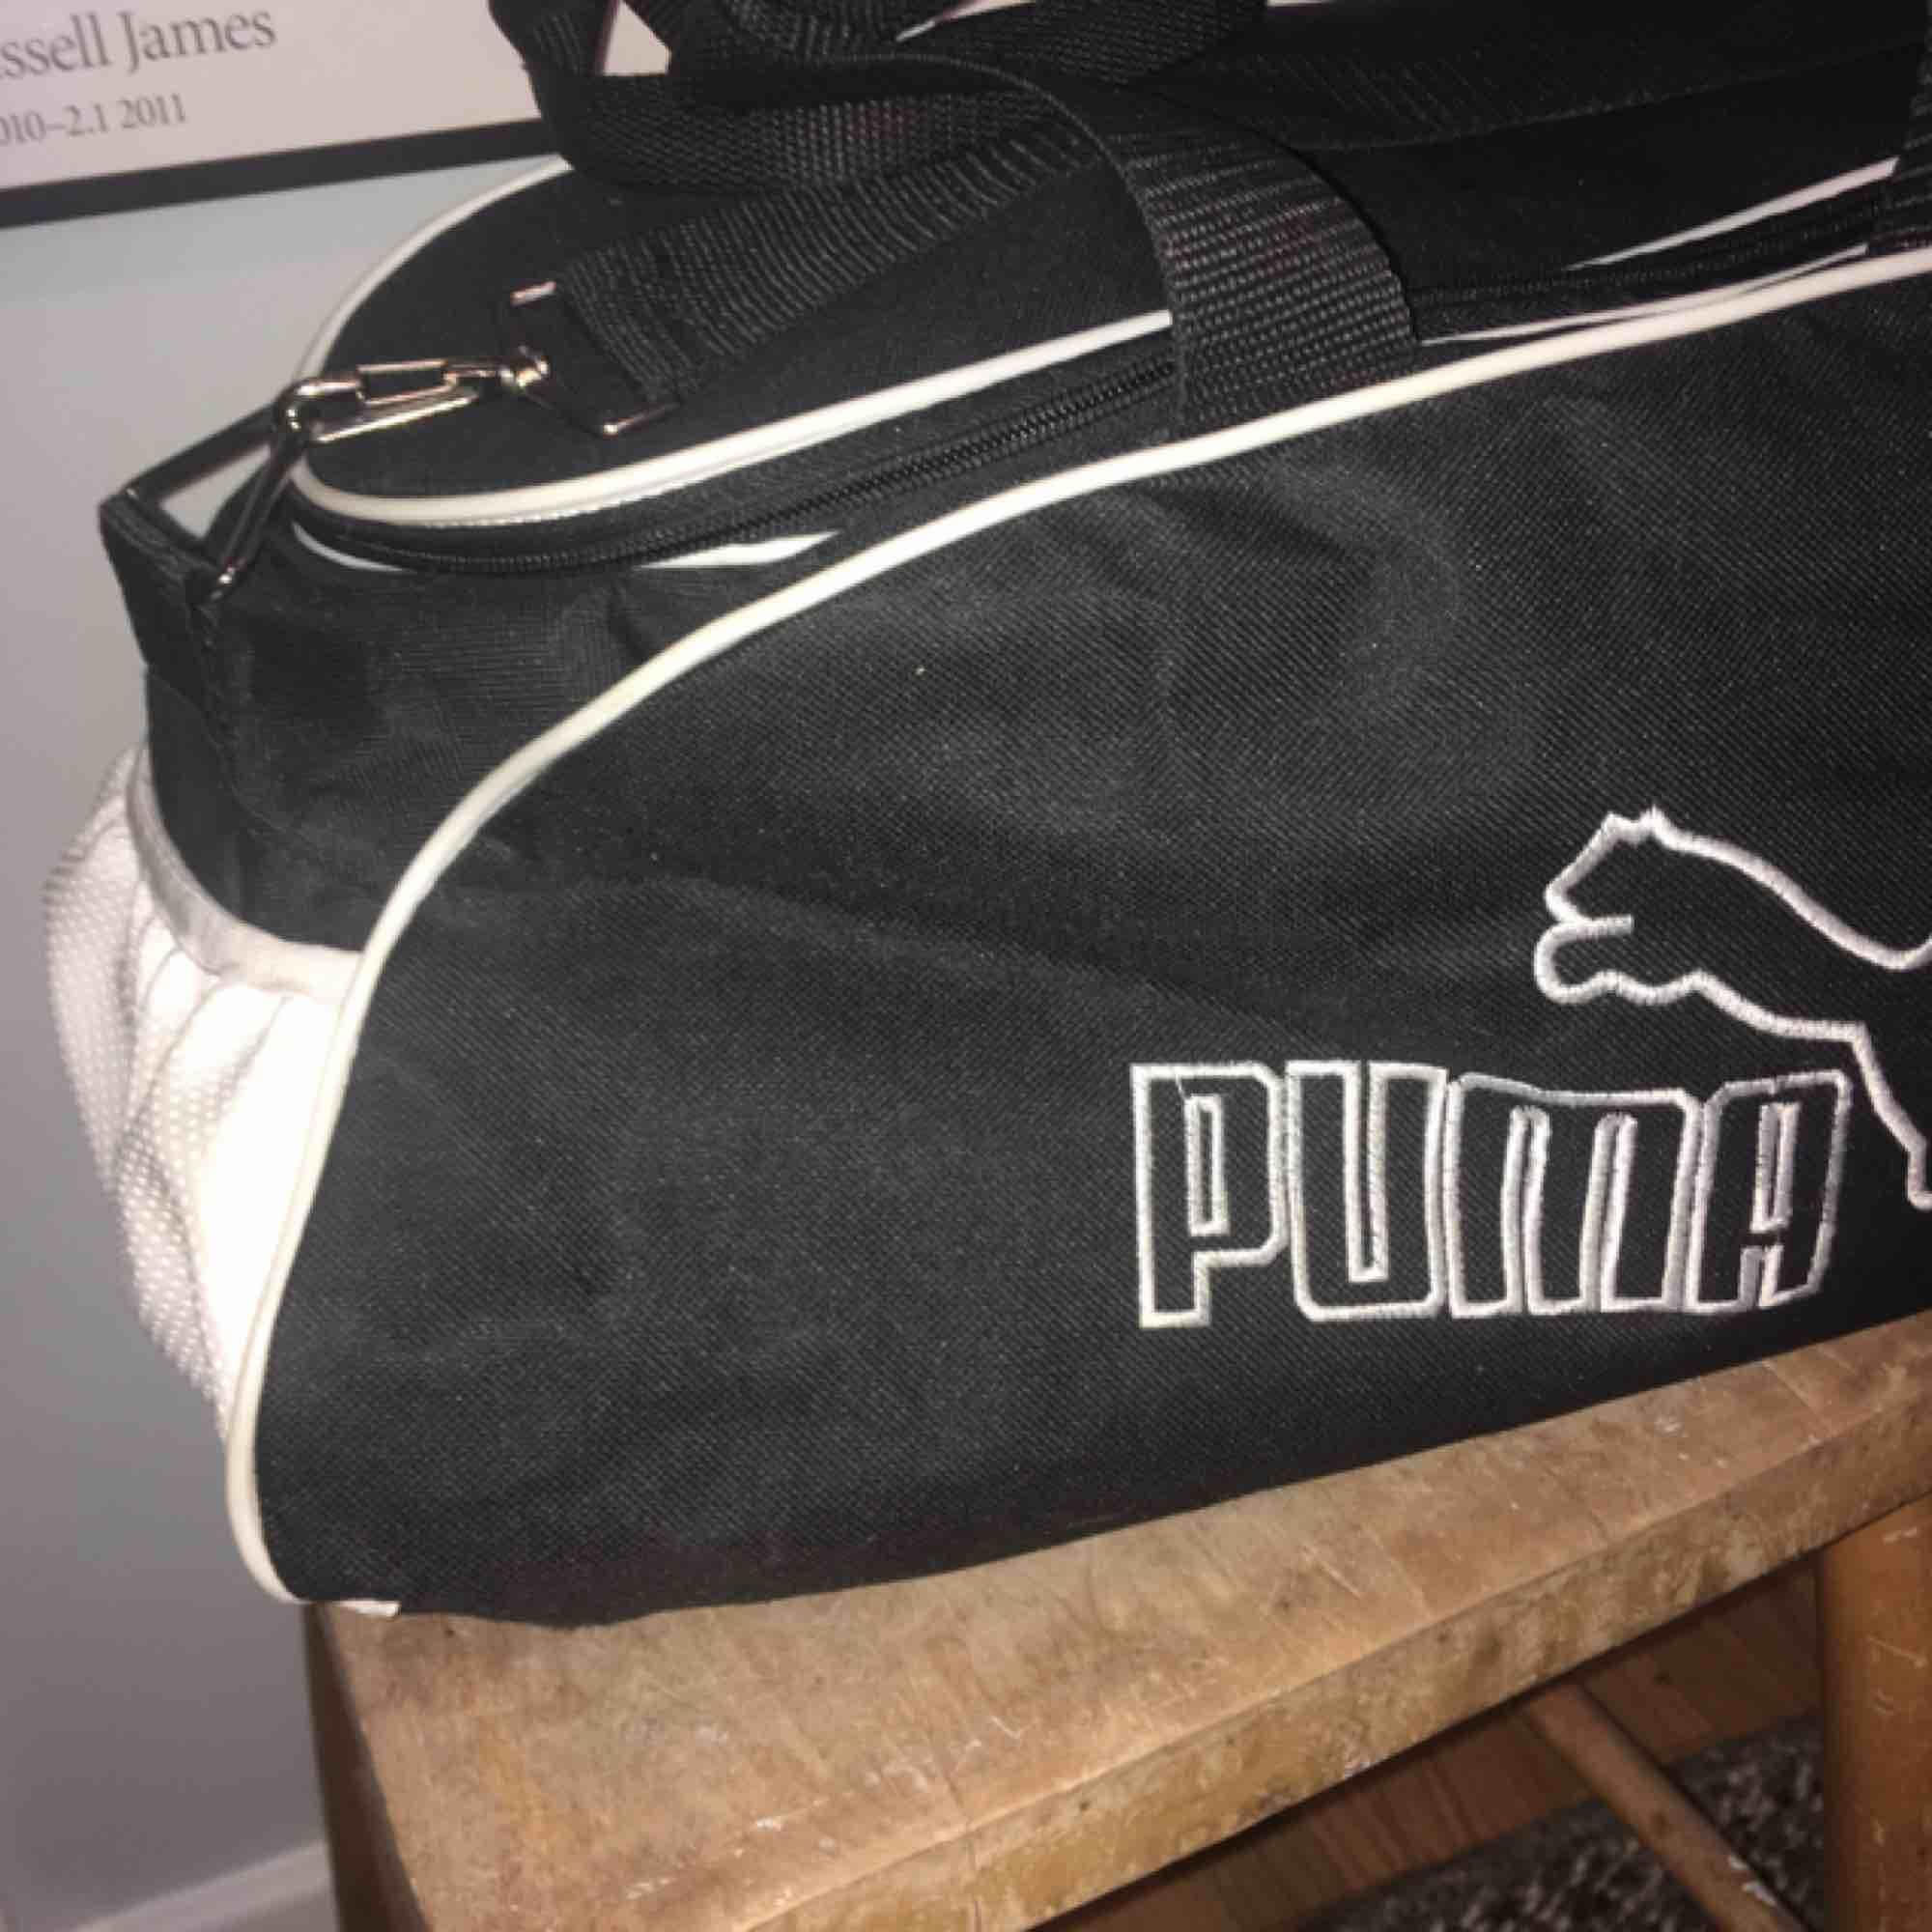 så bra sportbag!! den är lite